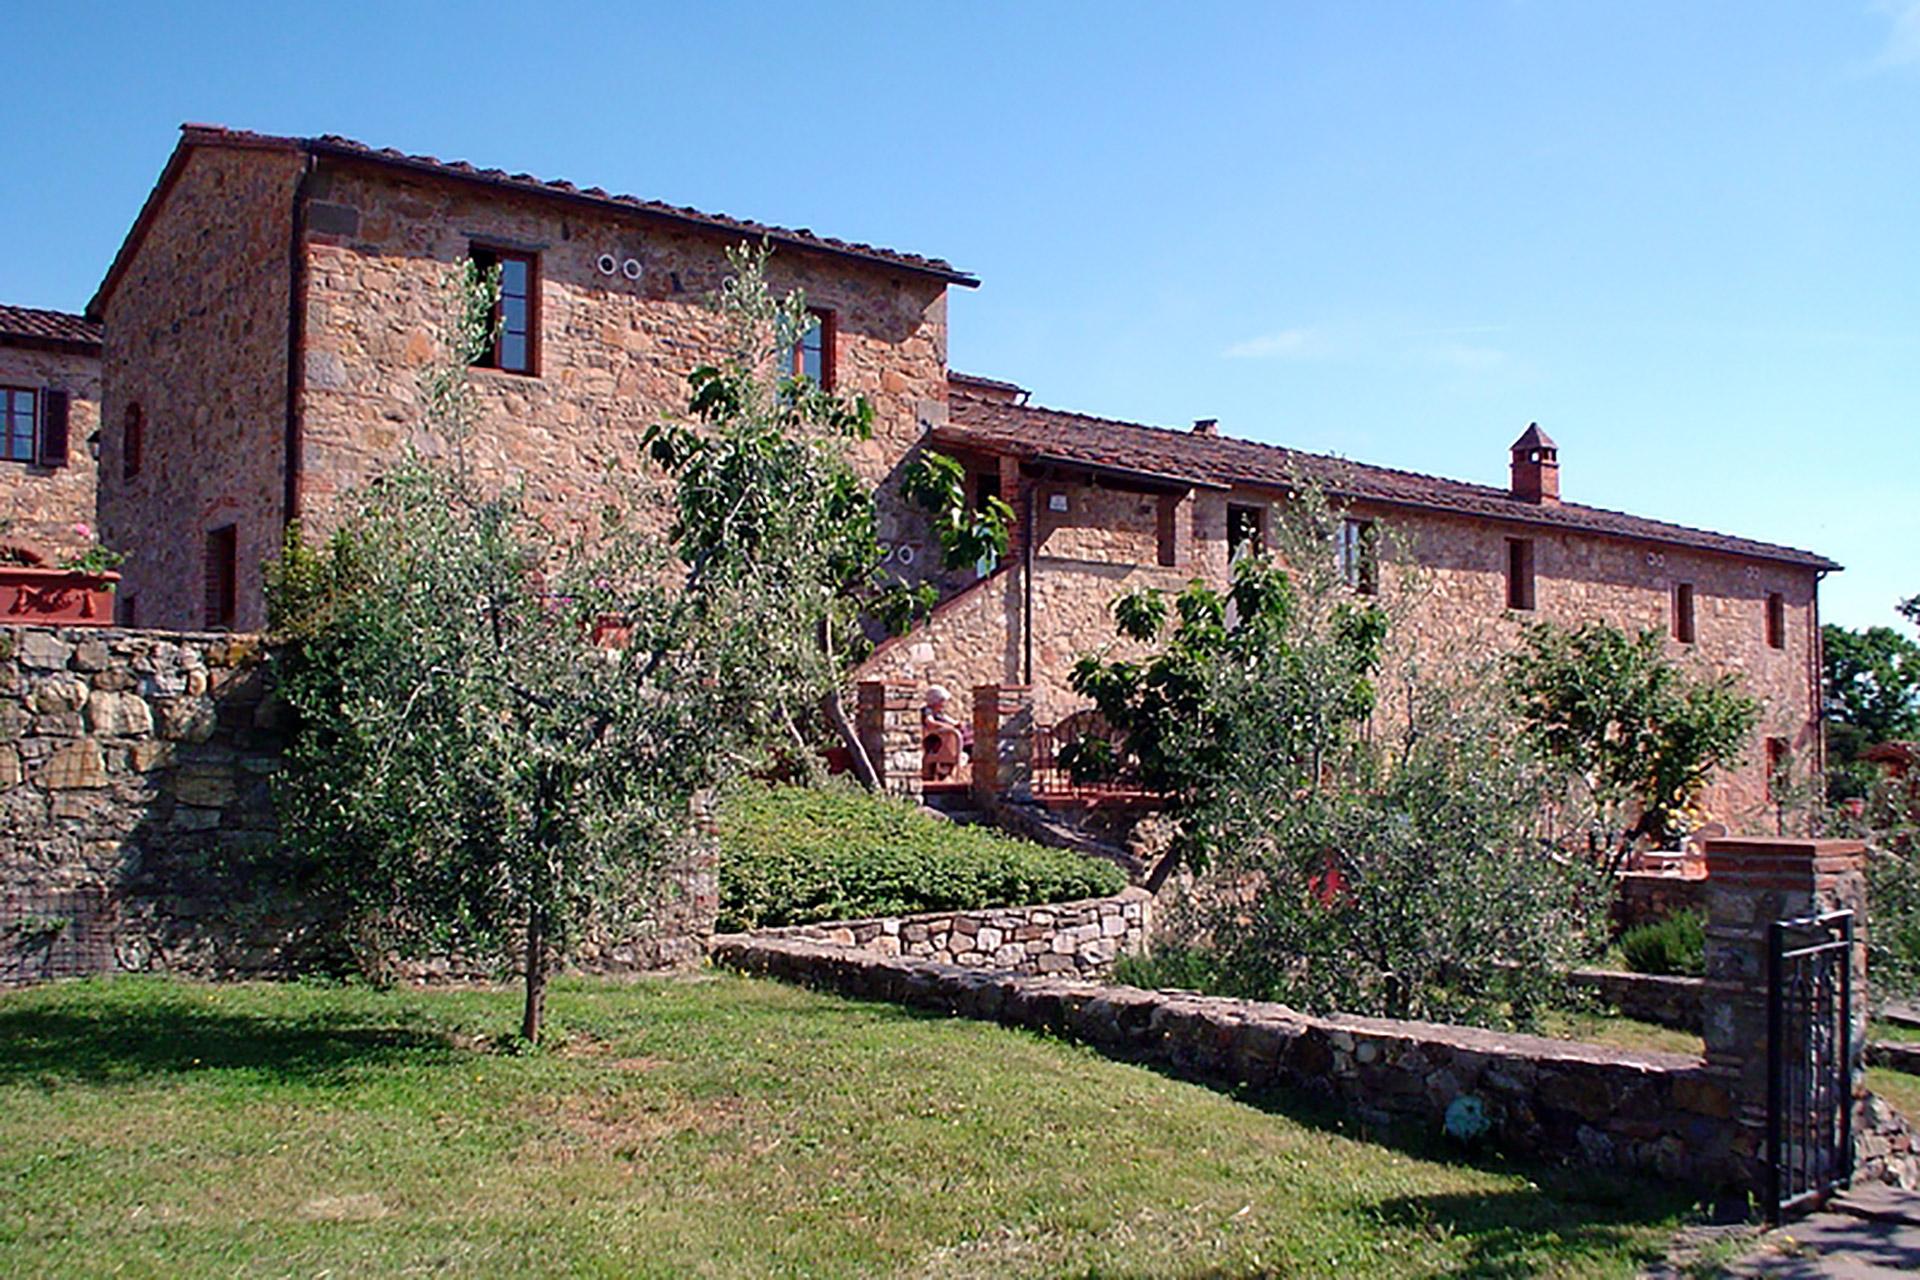 Bucine Cotogno